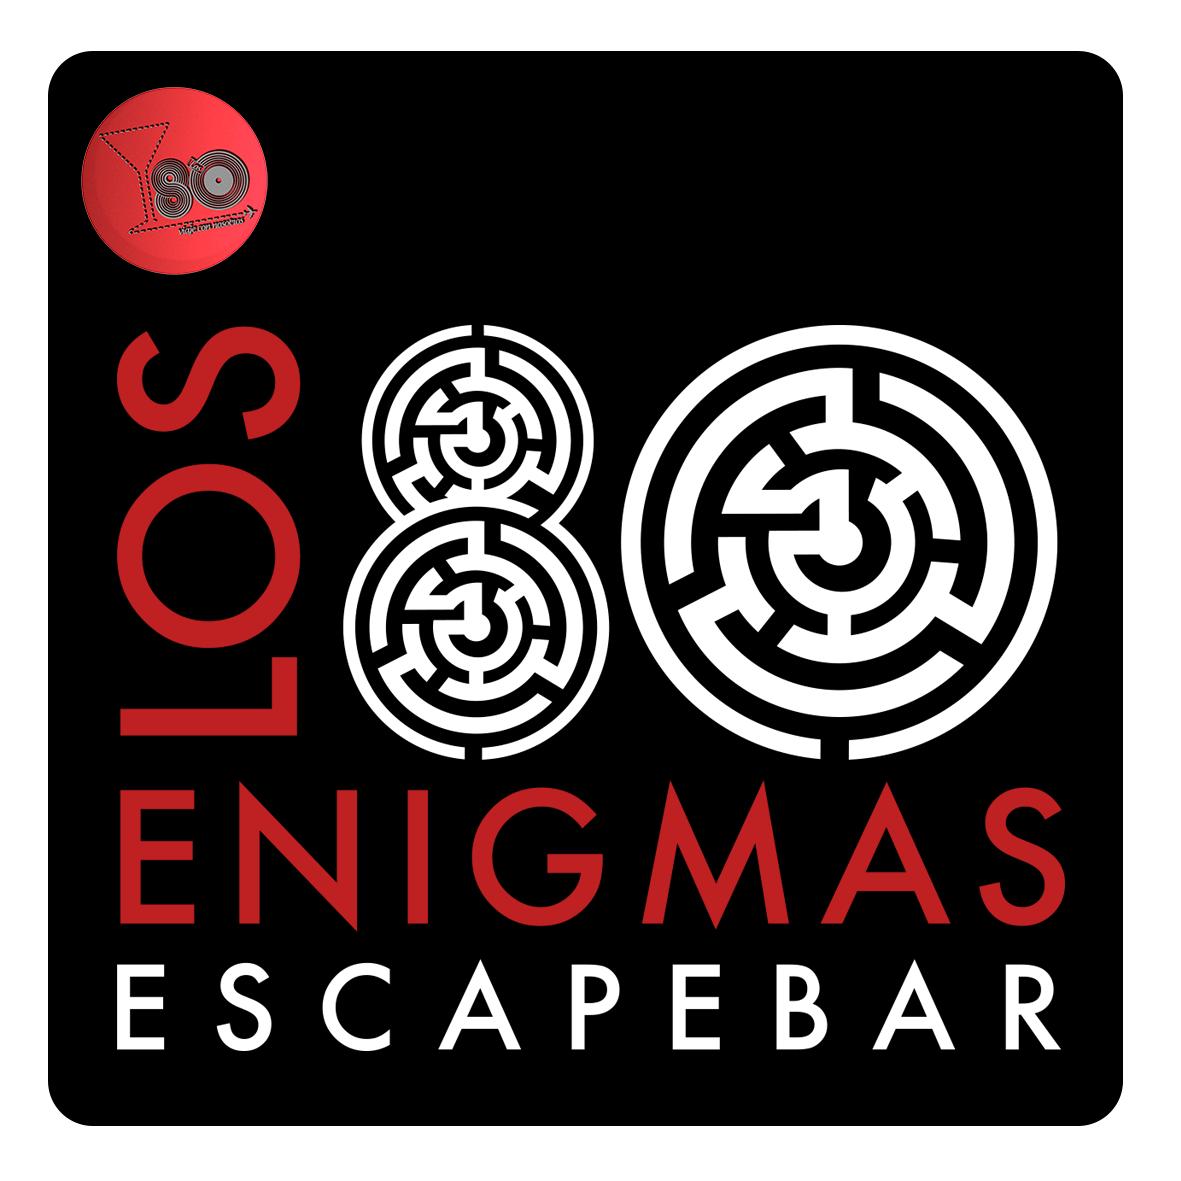 Los 80 Enigmas